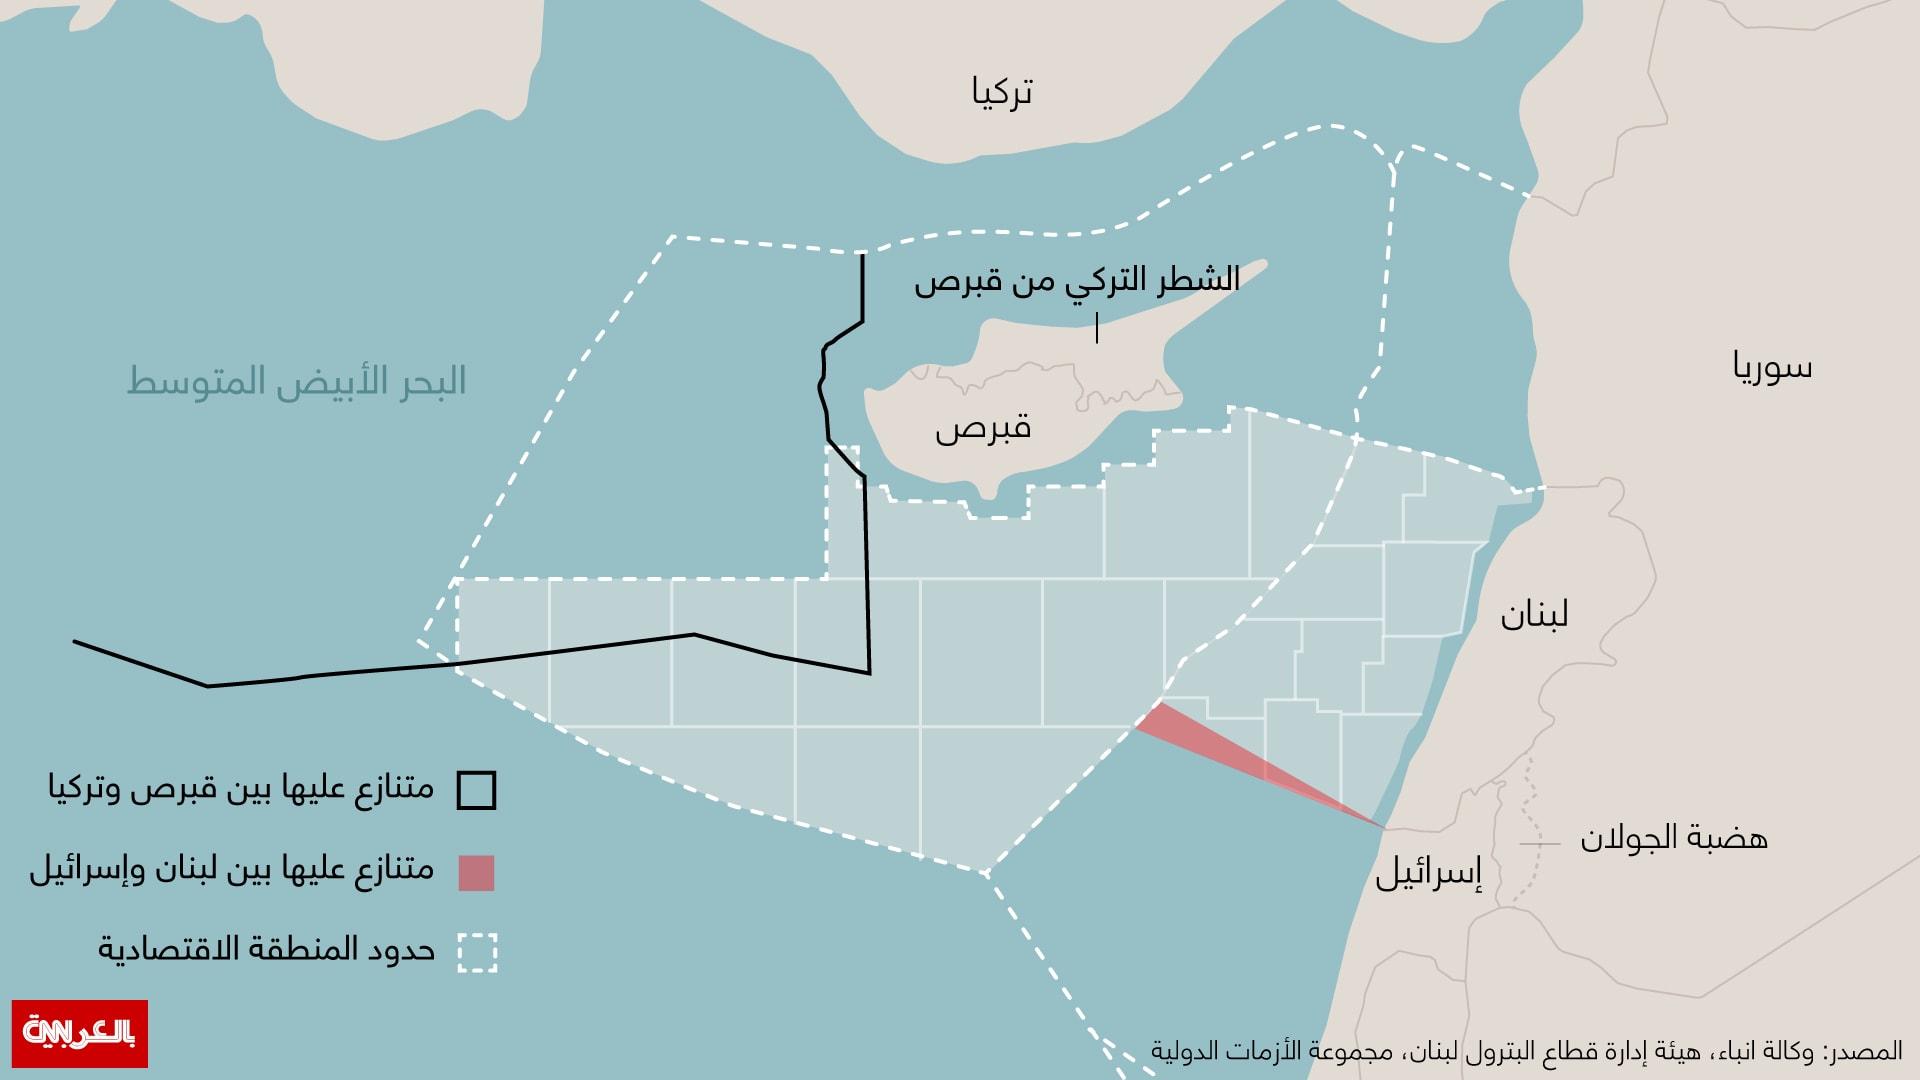 انفوجرافيك: ثروة قاع البحر المتوسط تشعل مياهه.. مصر إسرائيل لبنان تركيا قبرص